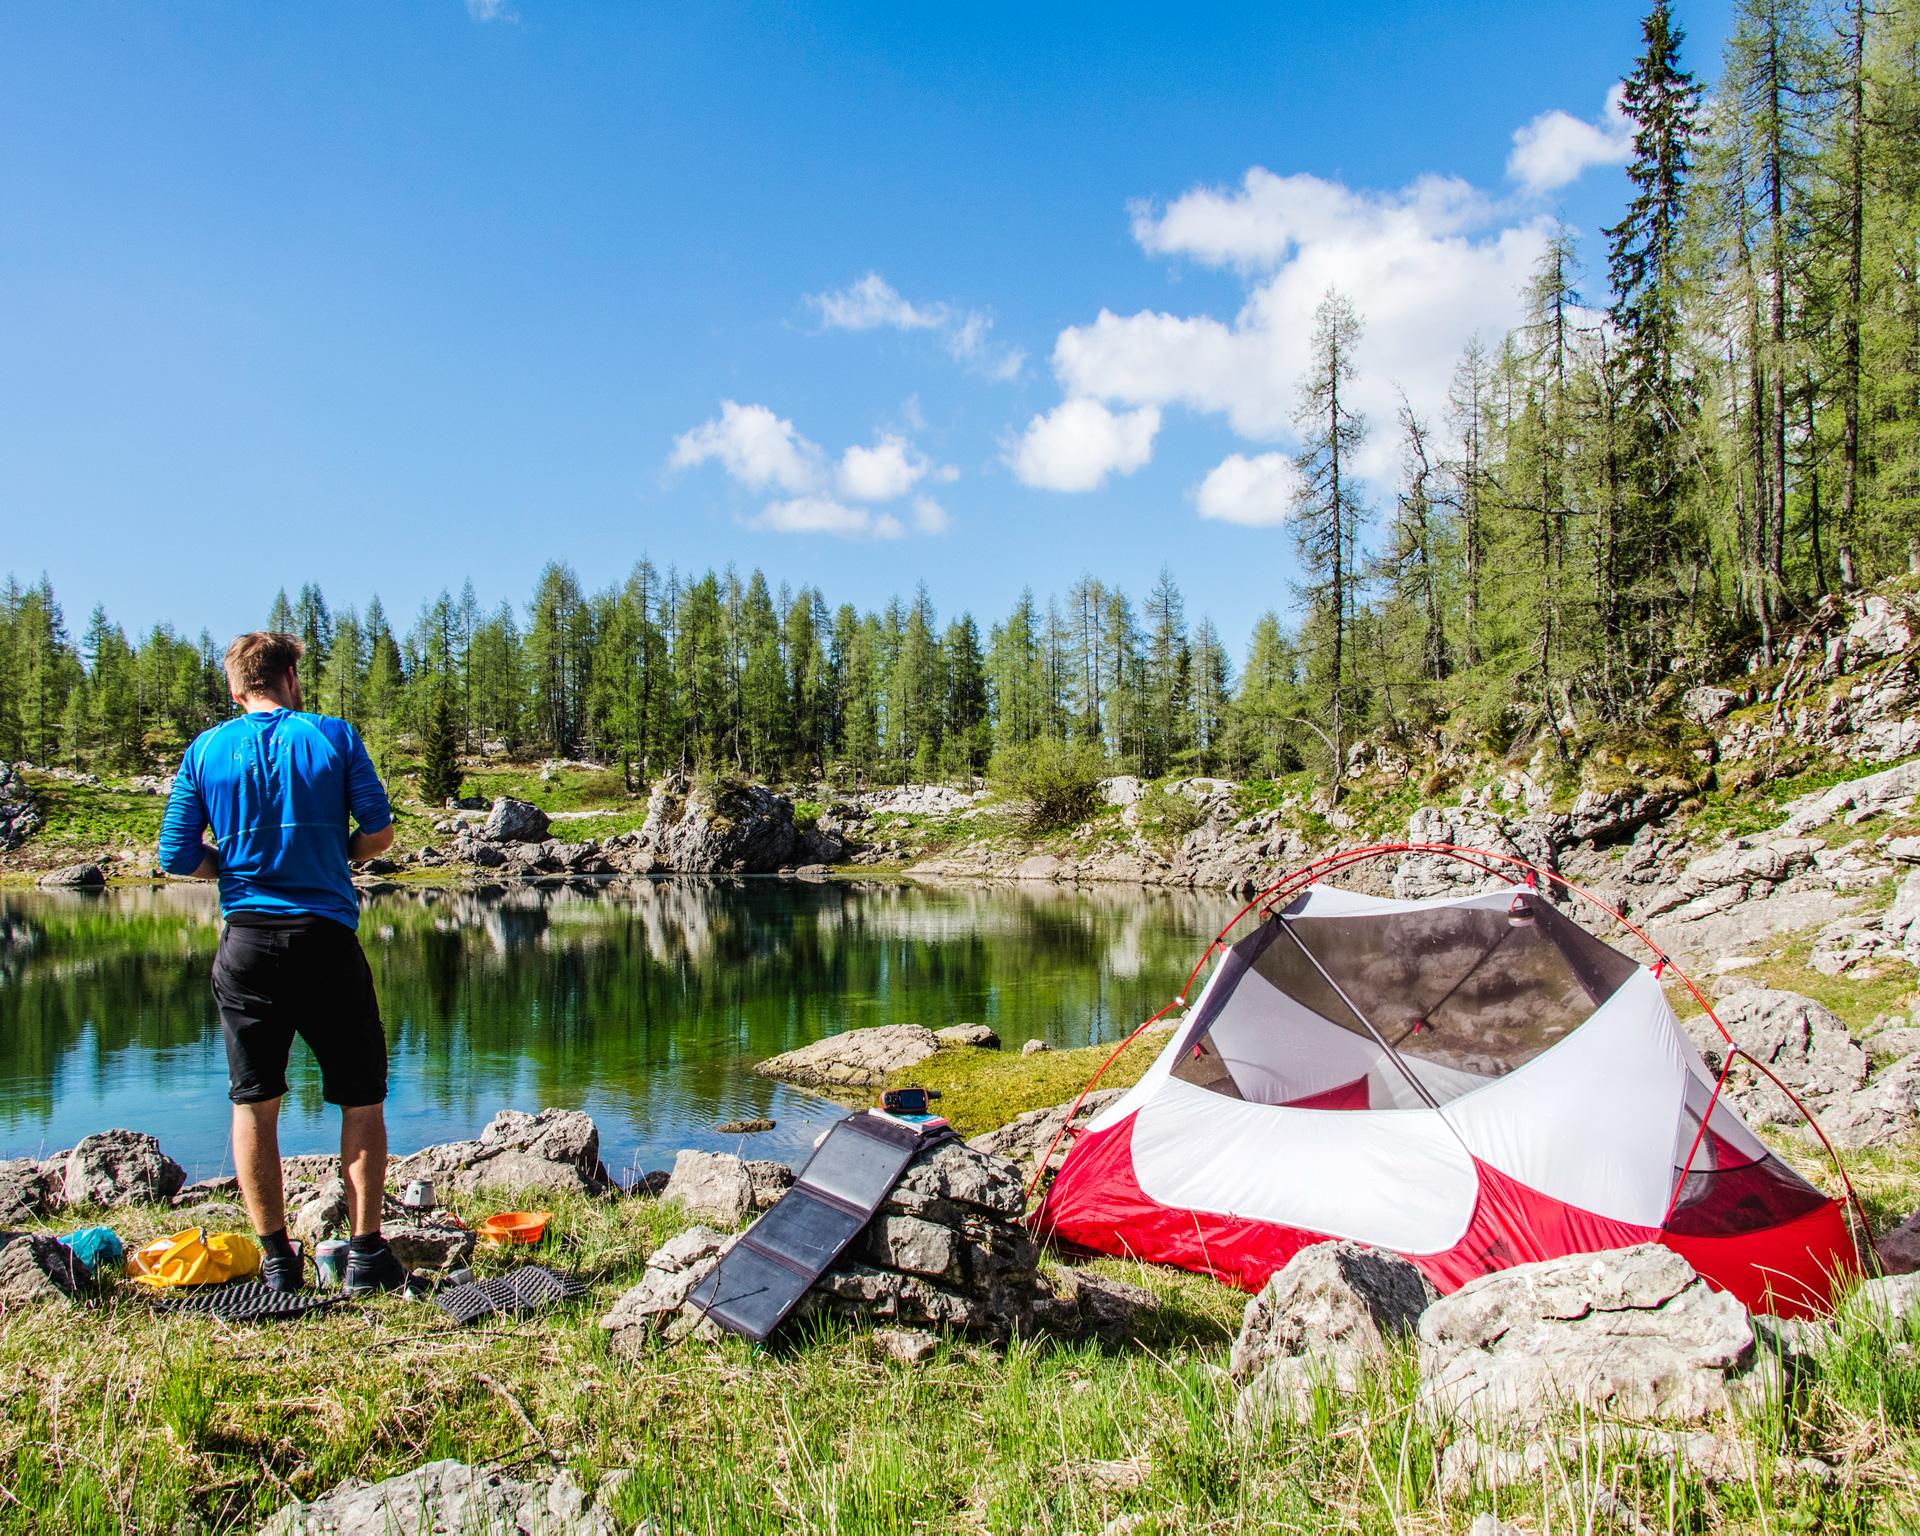 MSR Hubba Hubba campsite at the lake close to Dvojno Jezero